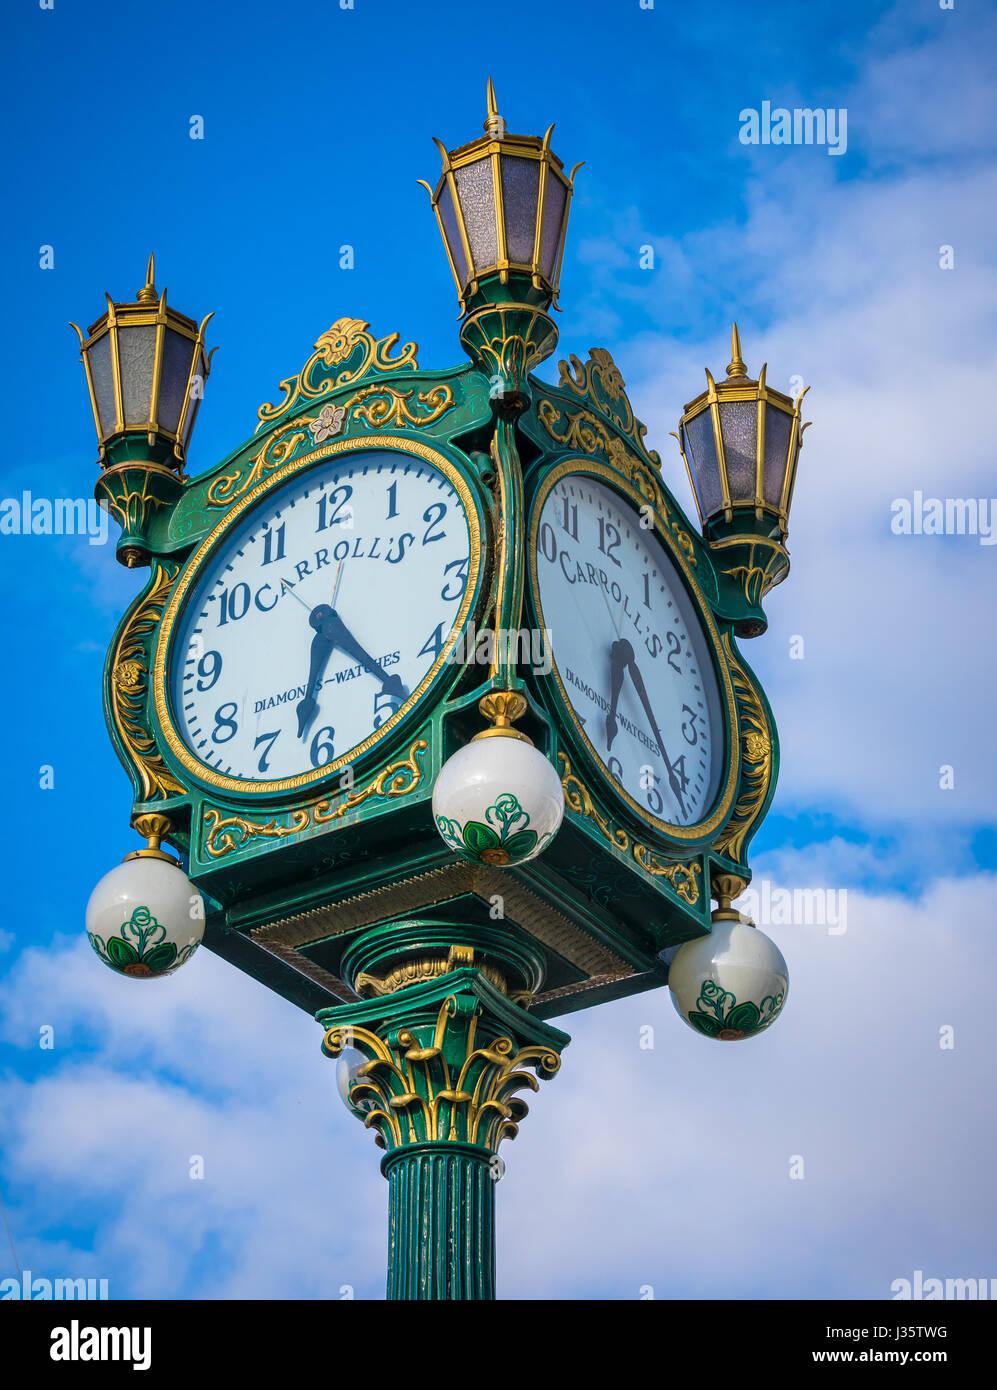 Diese wunderschöne Uhr war früher der Innenstadt bei Carrolls feinen Juweliere in der 4th Avenue und Pike Stockbild